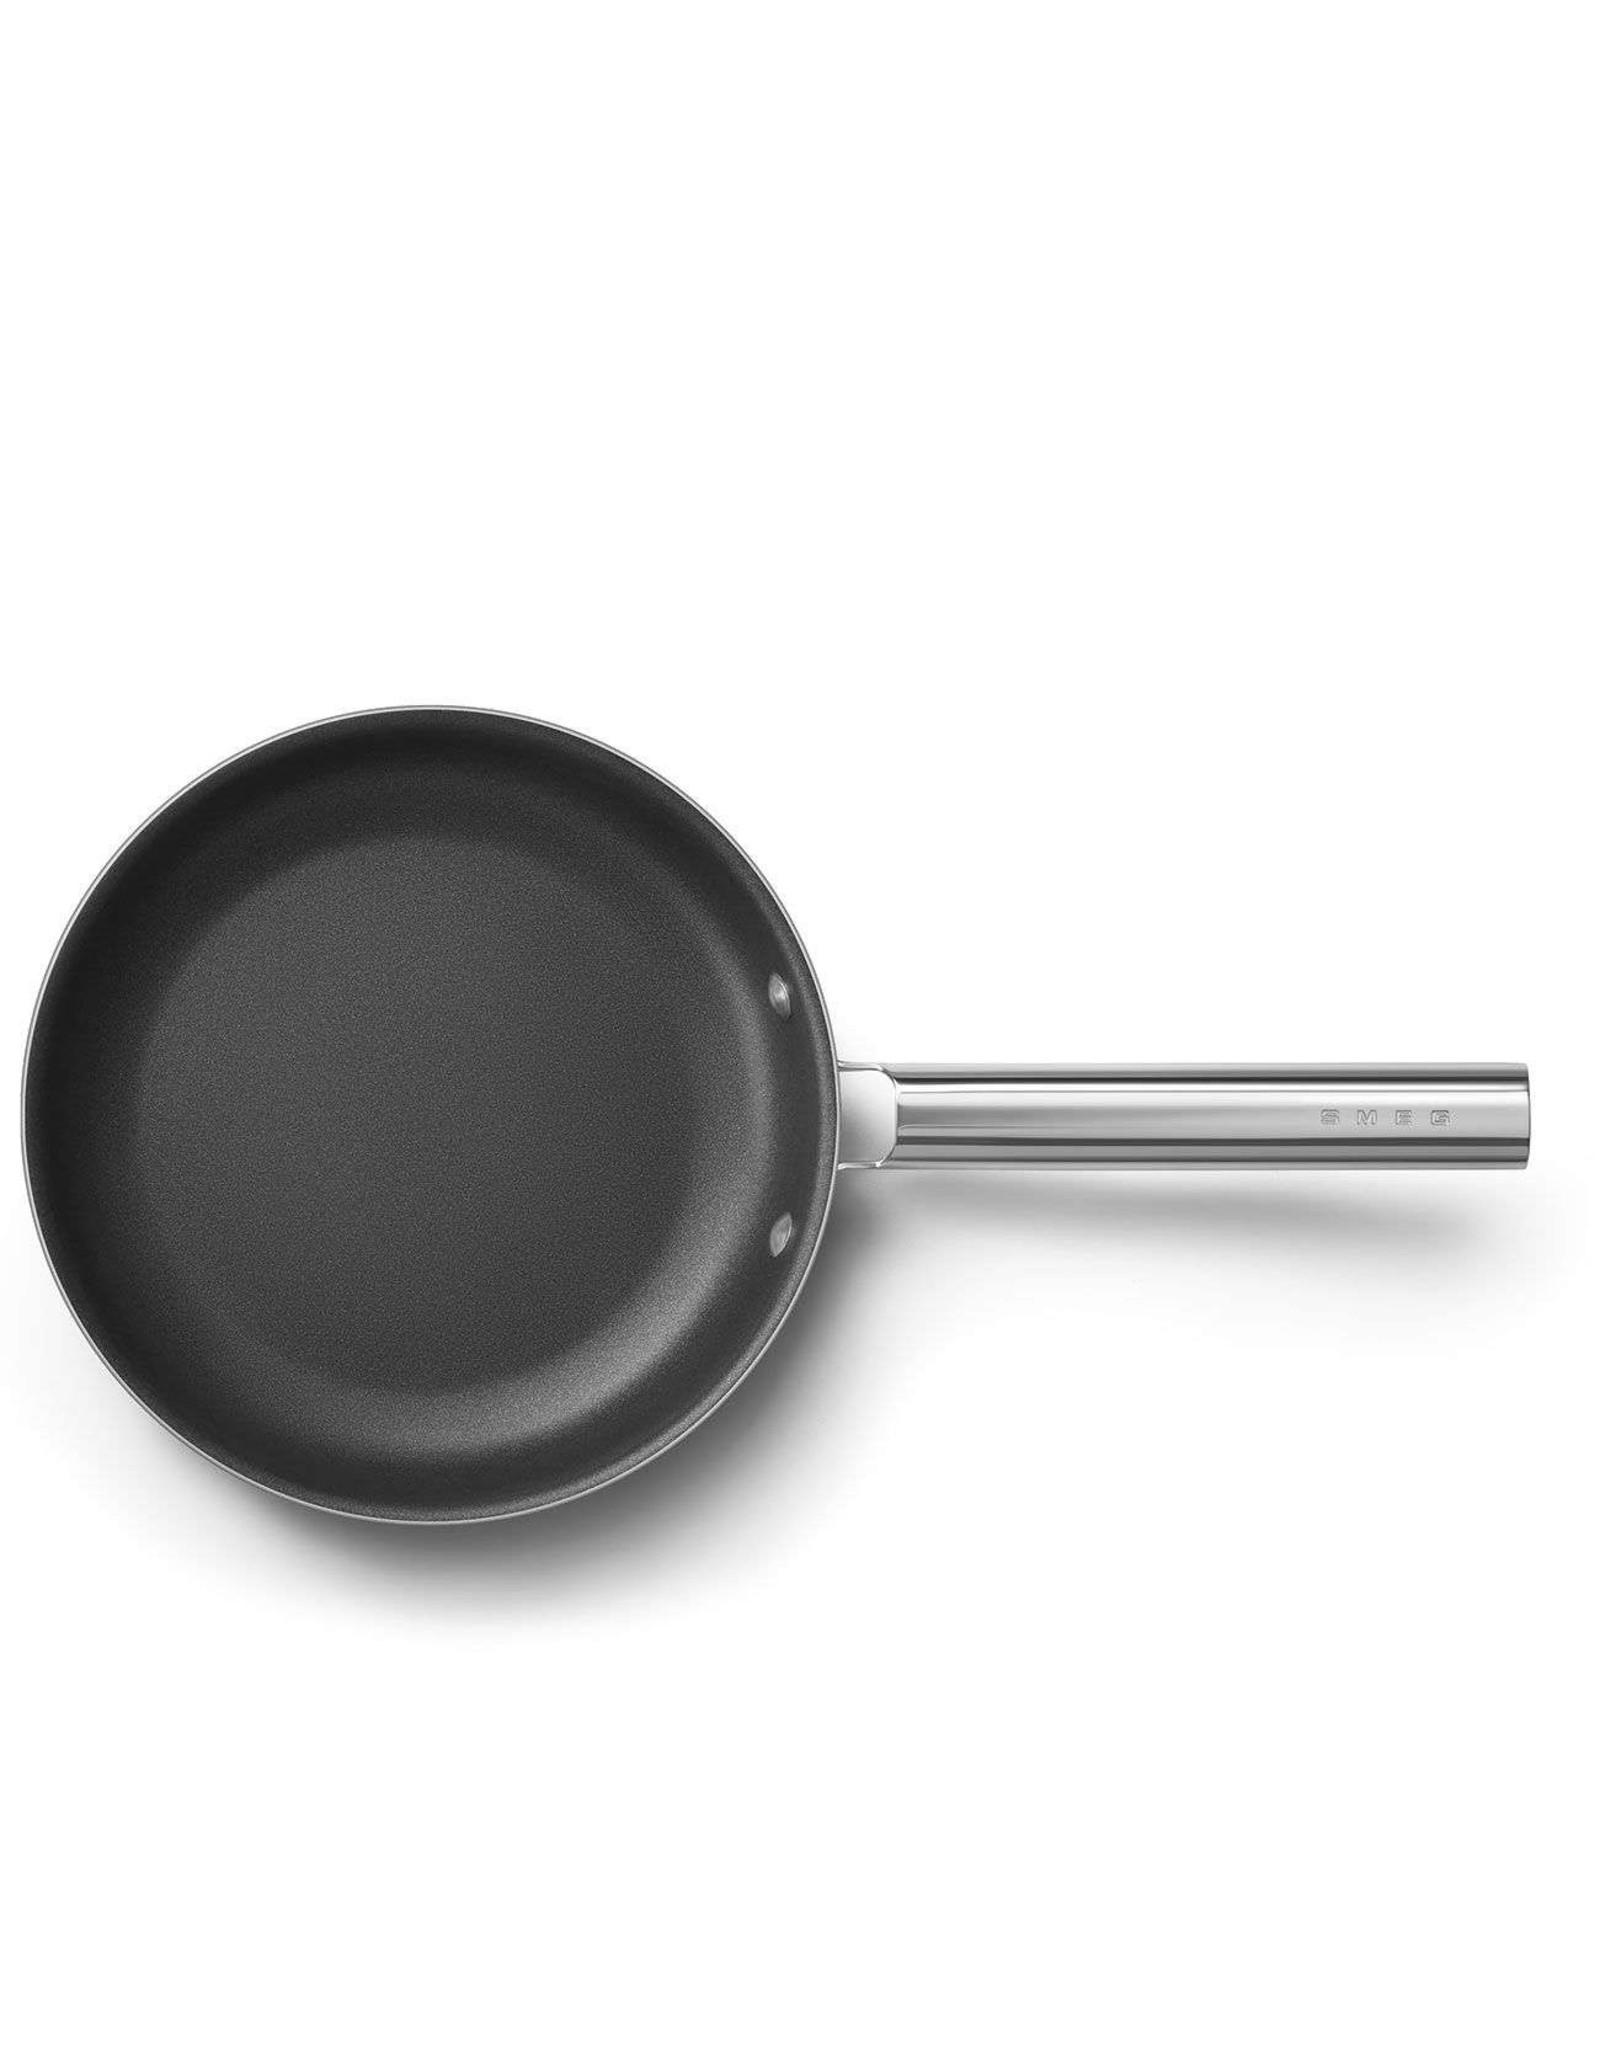 Smeg. Koekenpan 24cm. Mat zwart